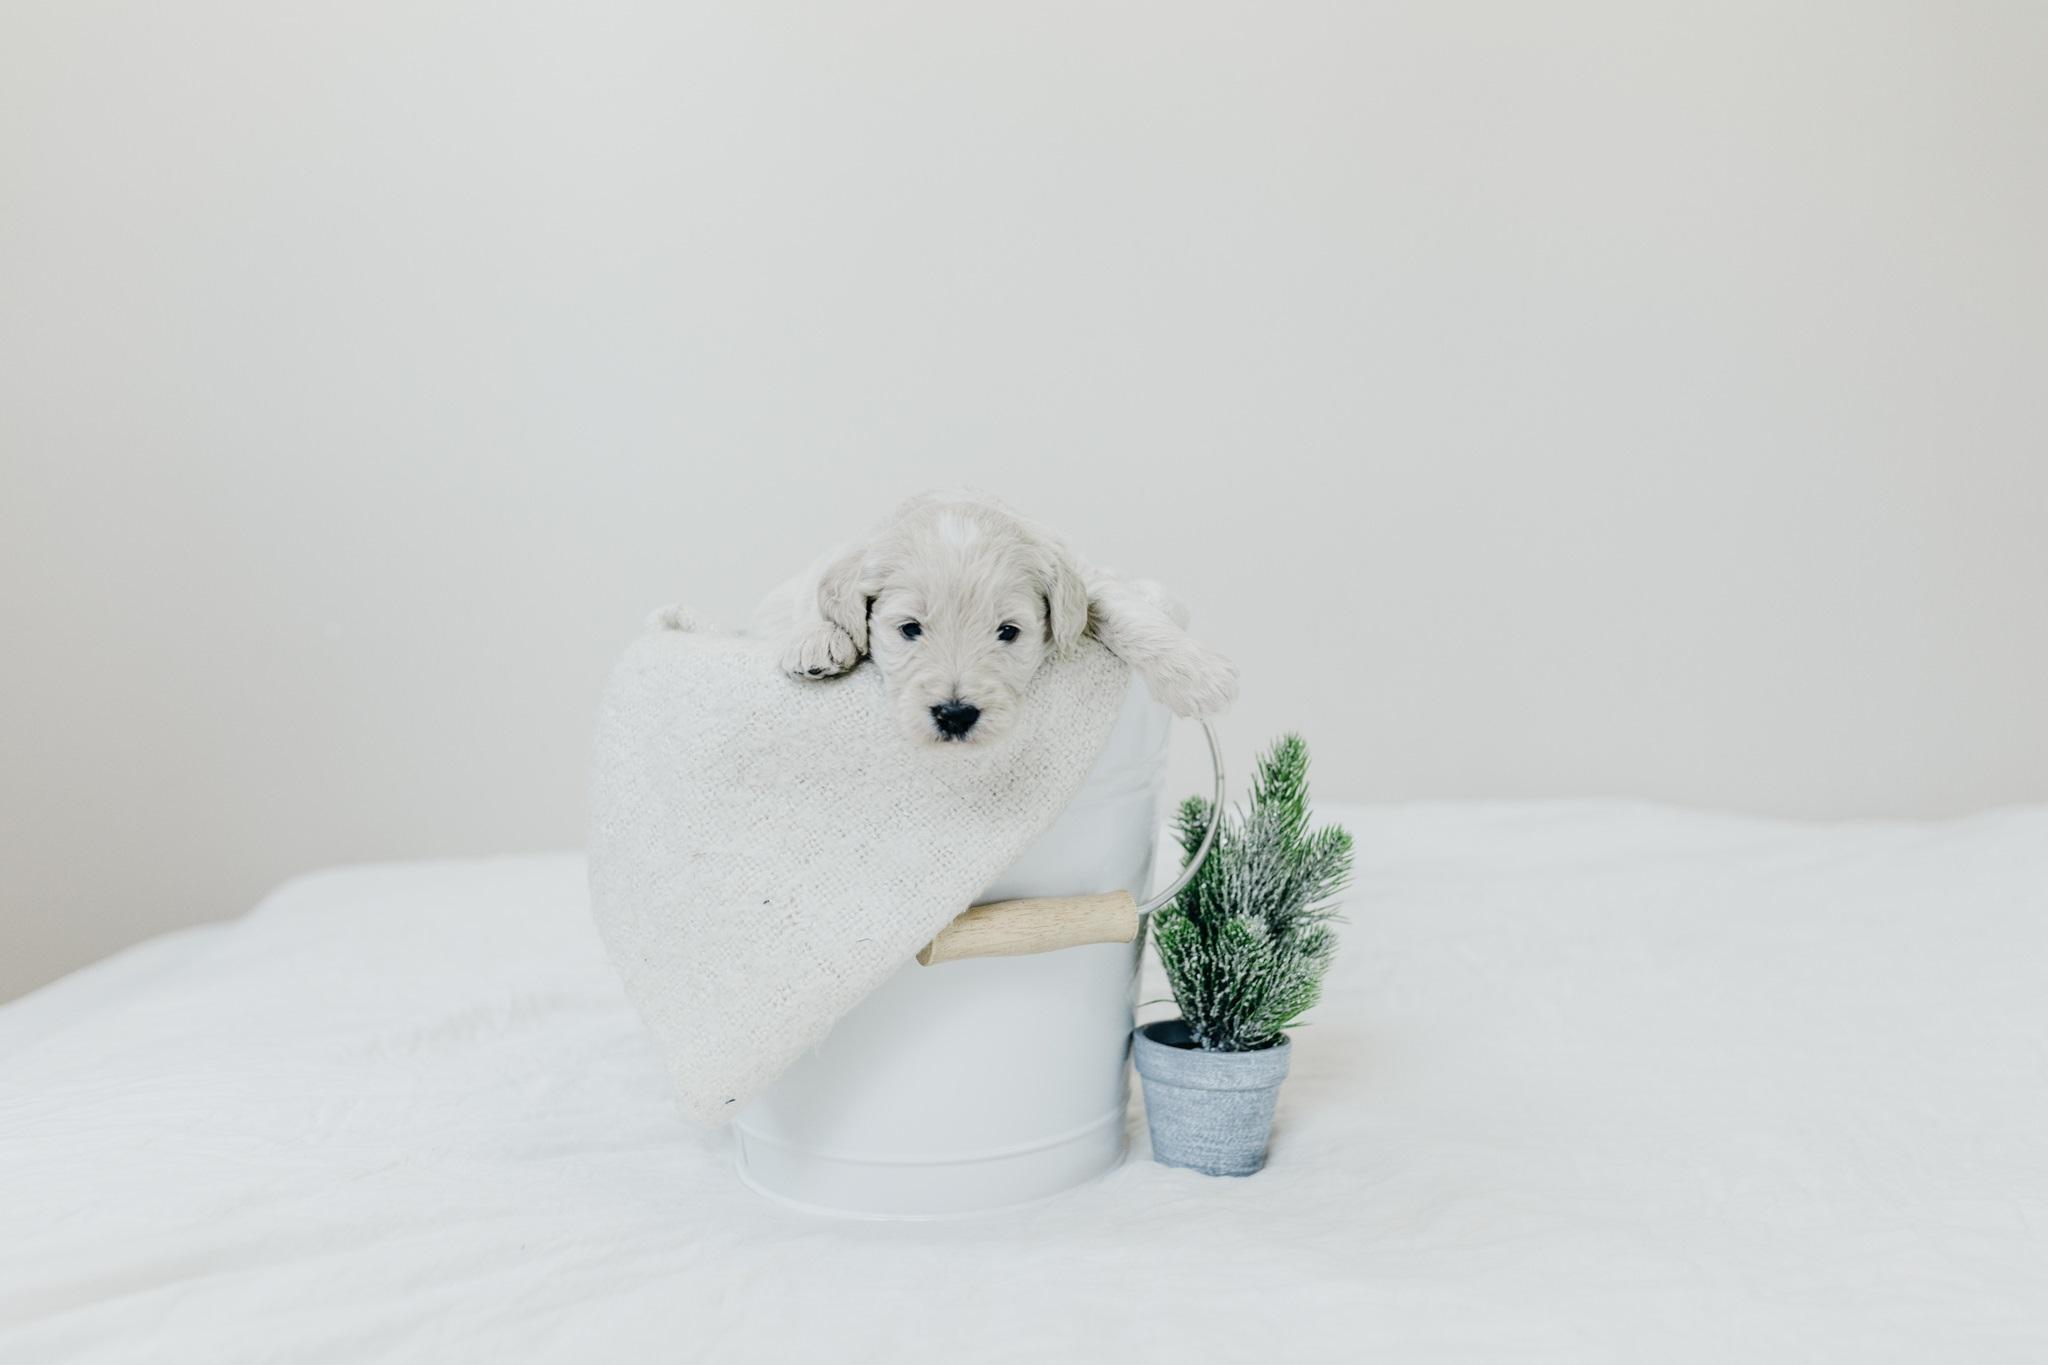 Puppies-Week-3-10.jpg